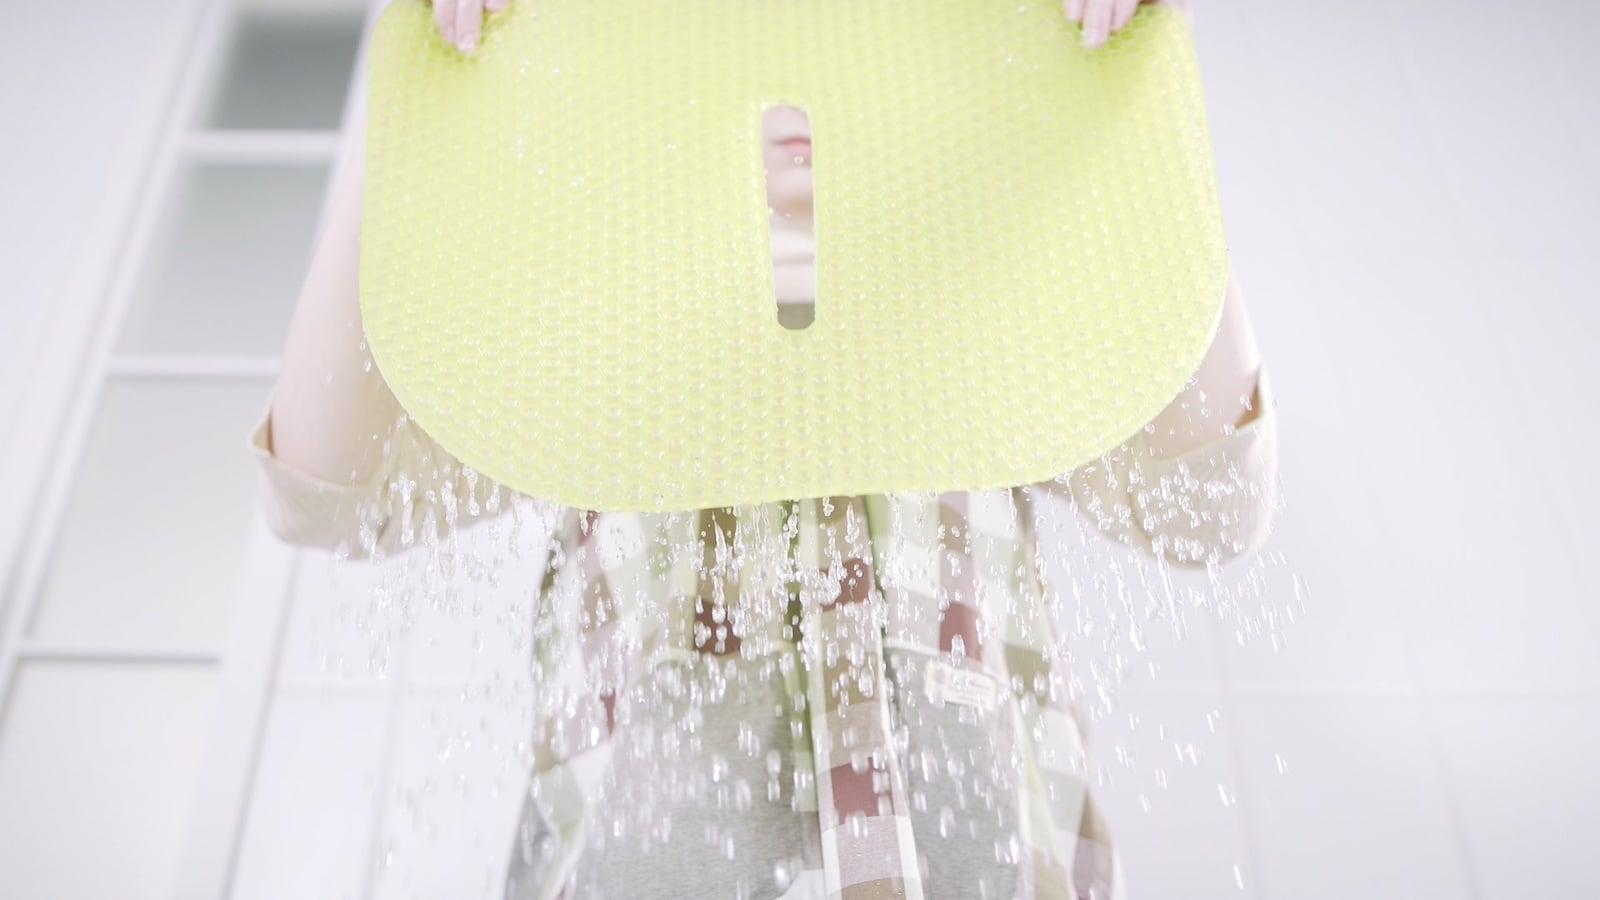 BalanceOn Fit Seat Plus Ergonomic Seat Cushion